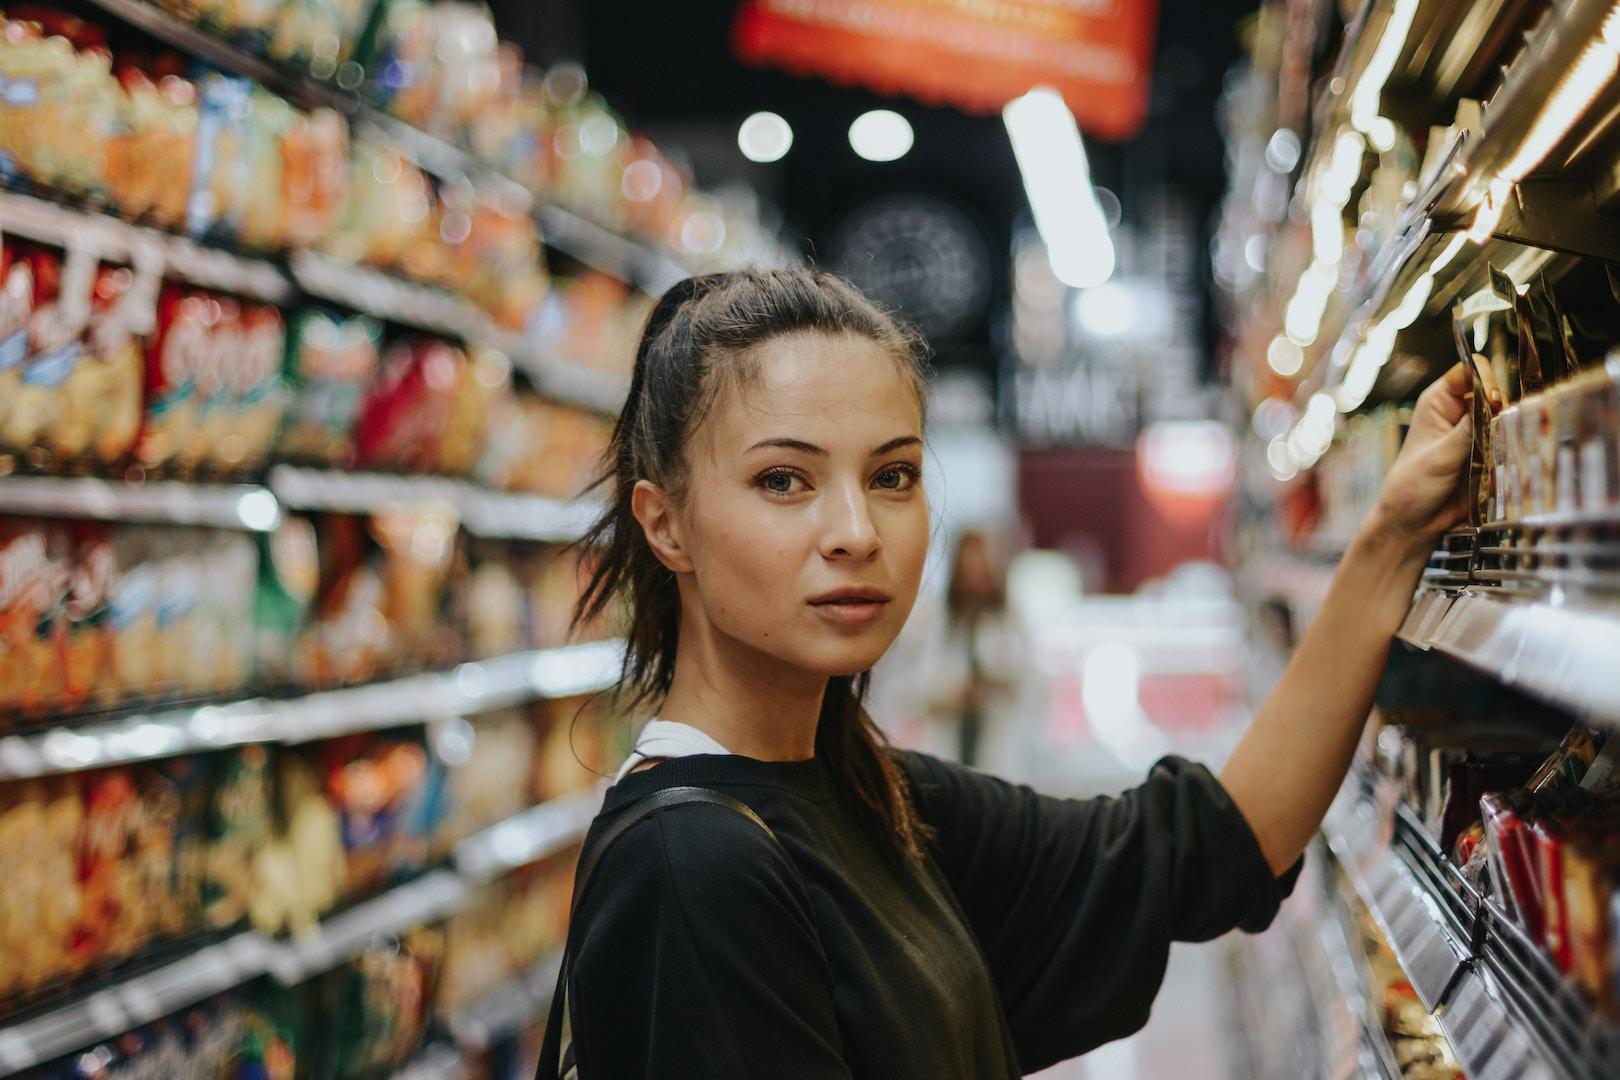 Zamów już dziś profesjonalne zapachy do sklepu spożywczego, aby zwiększyć sprzedaż produktów.